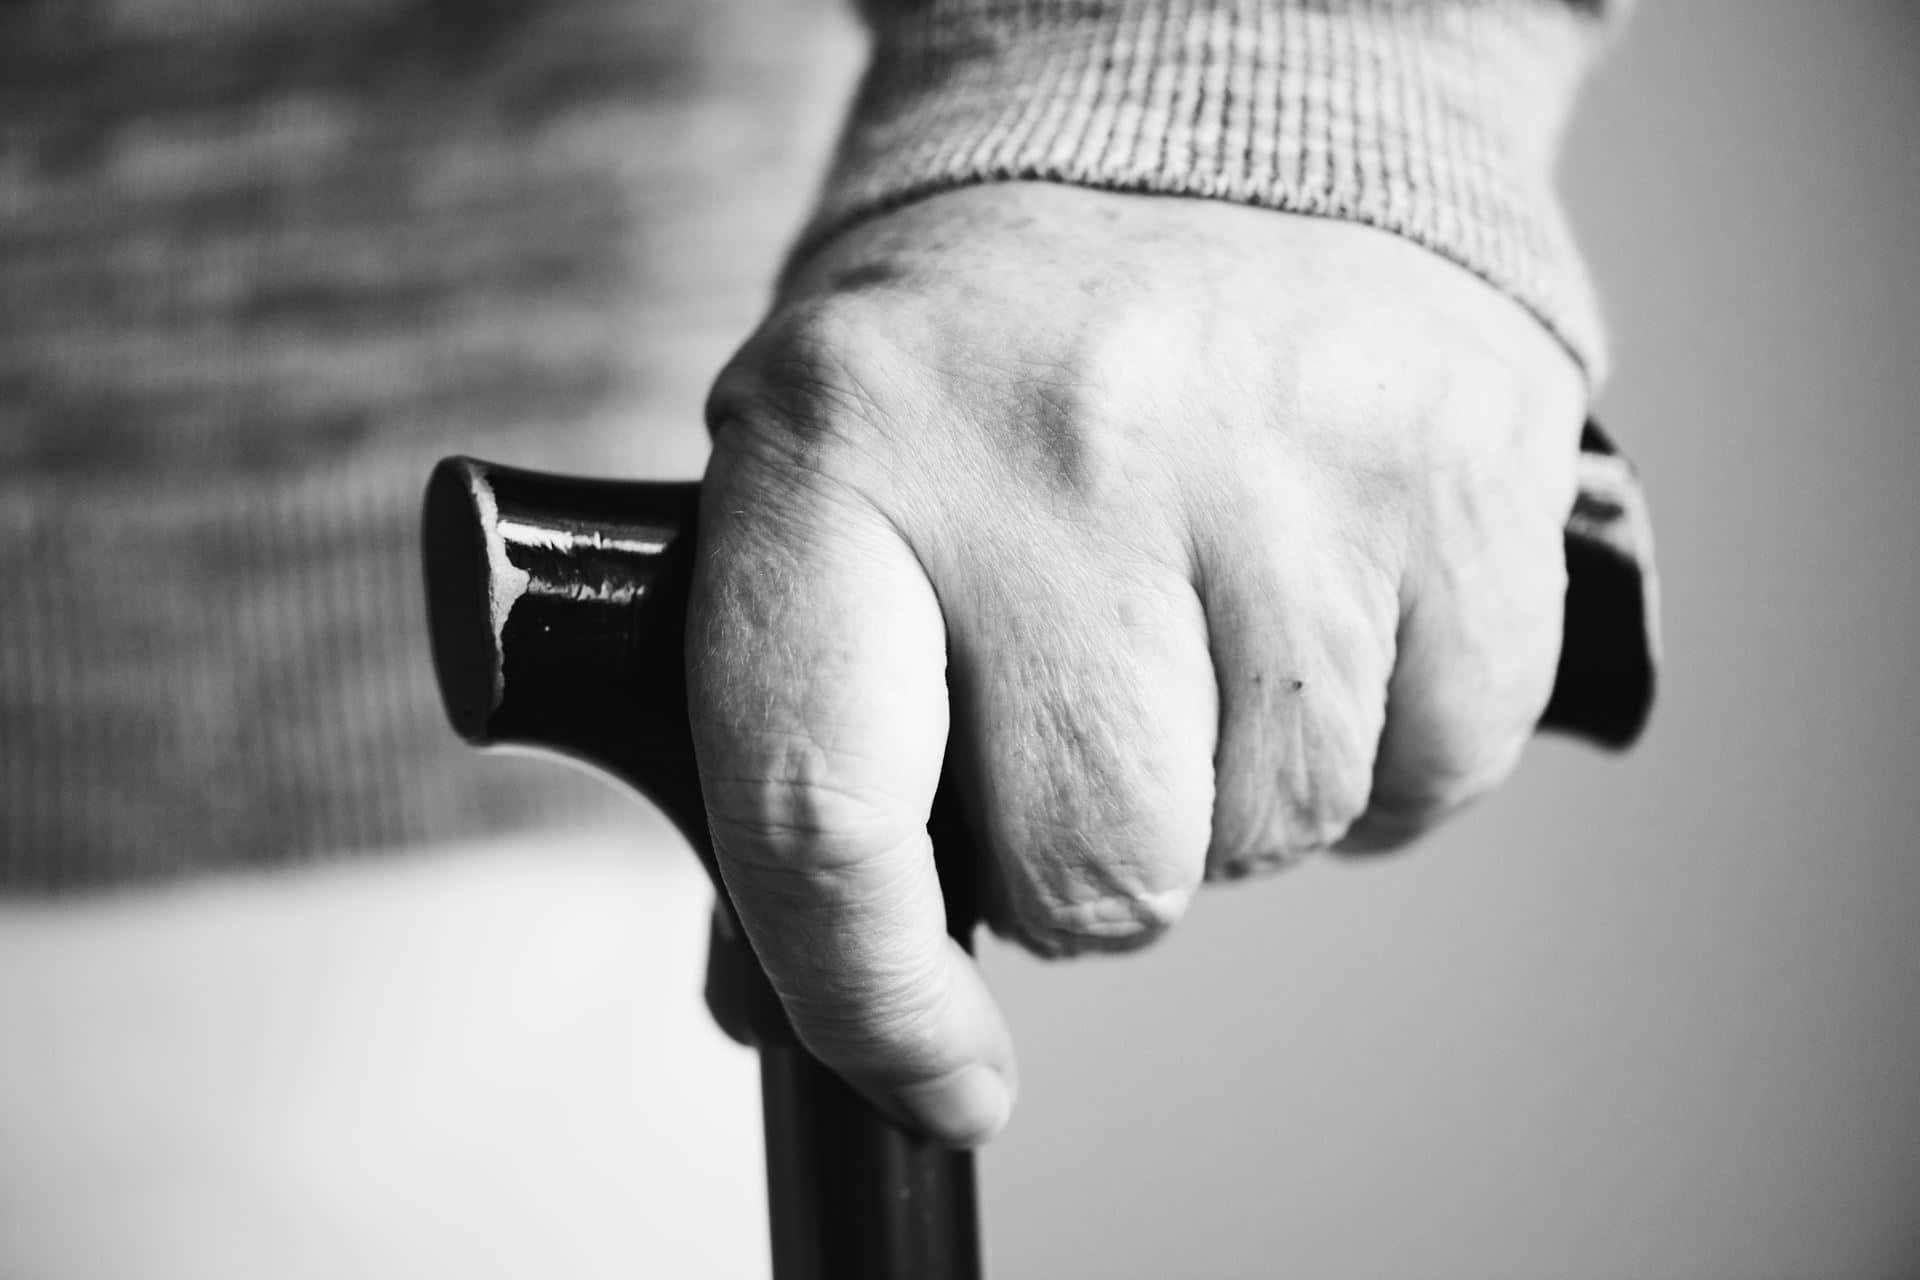 פיזיותרפיה פרטית למבוגרים - Restart Therapy שיקום פרטי בבית הלקוח